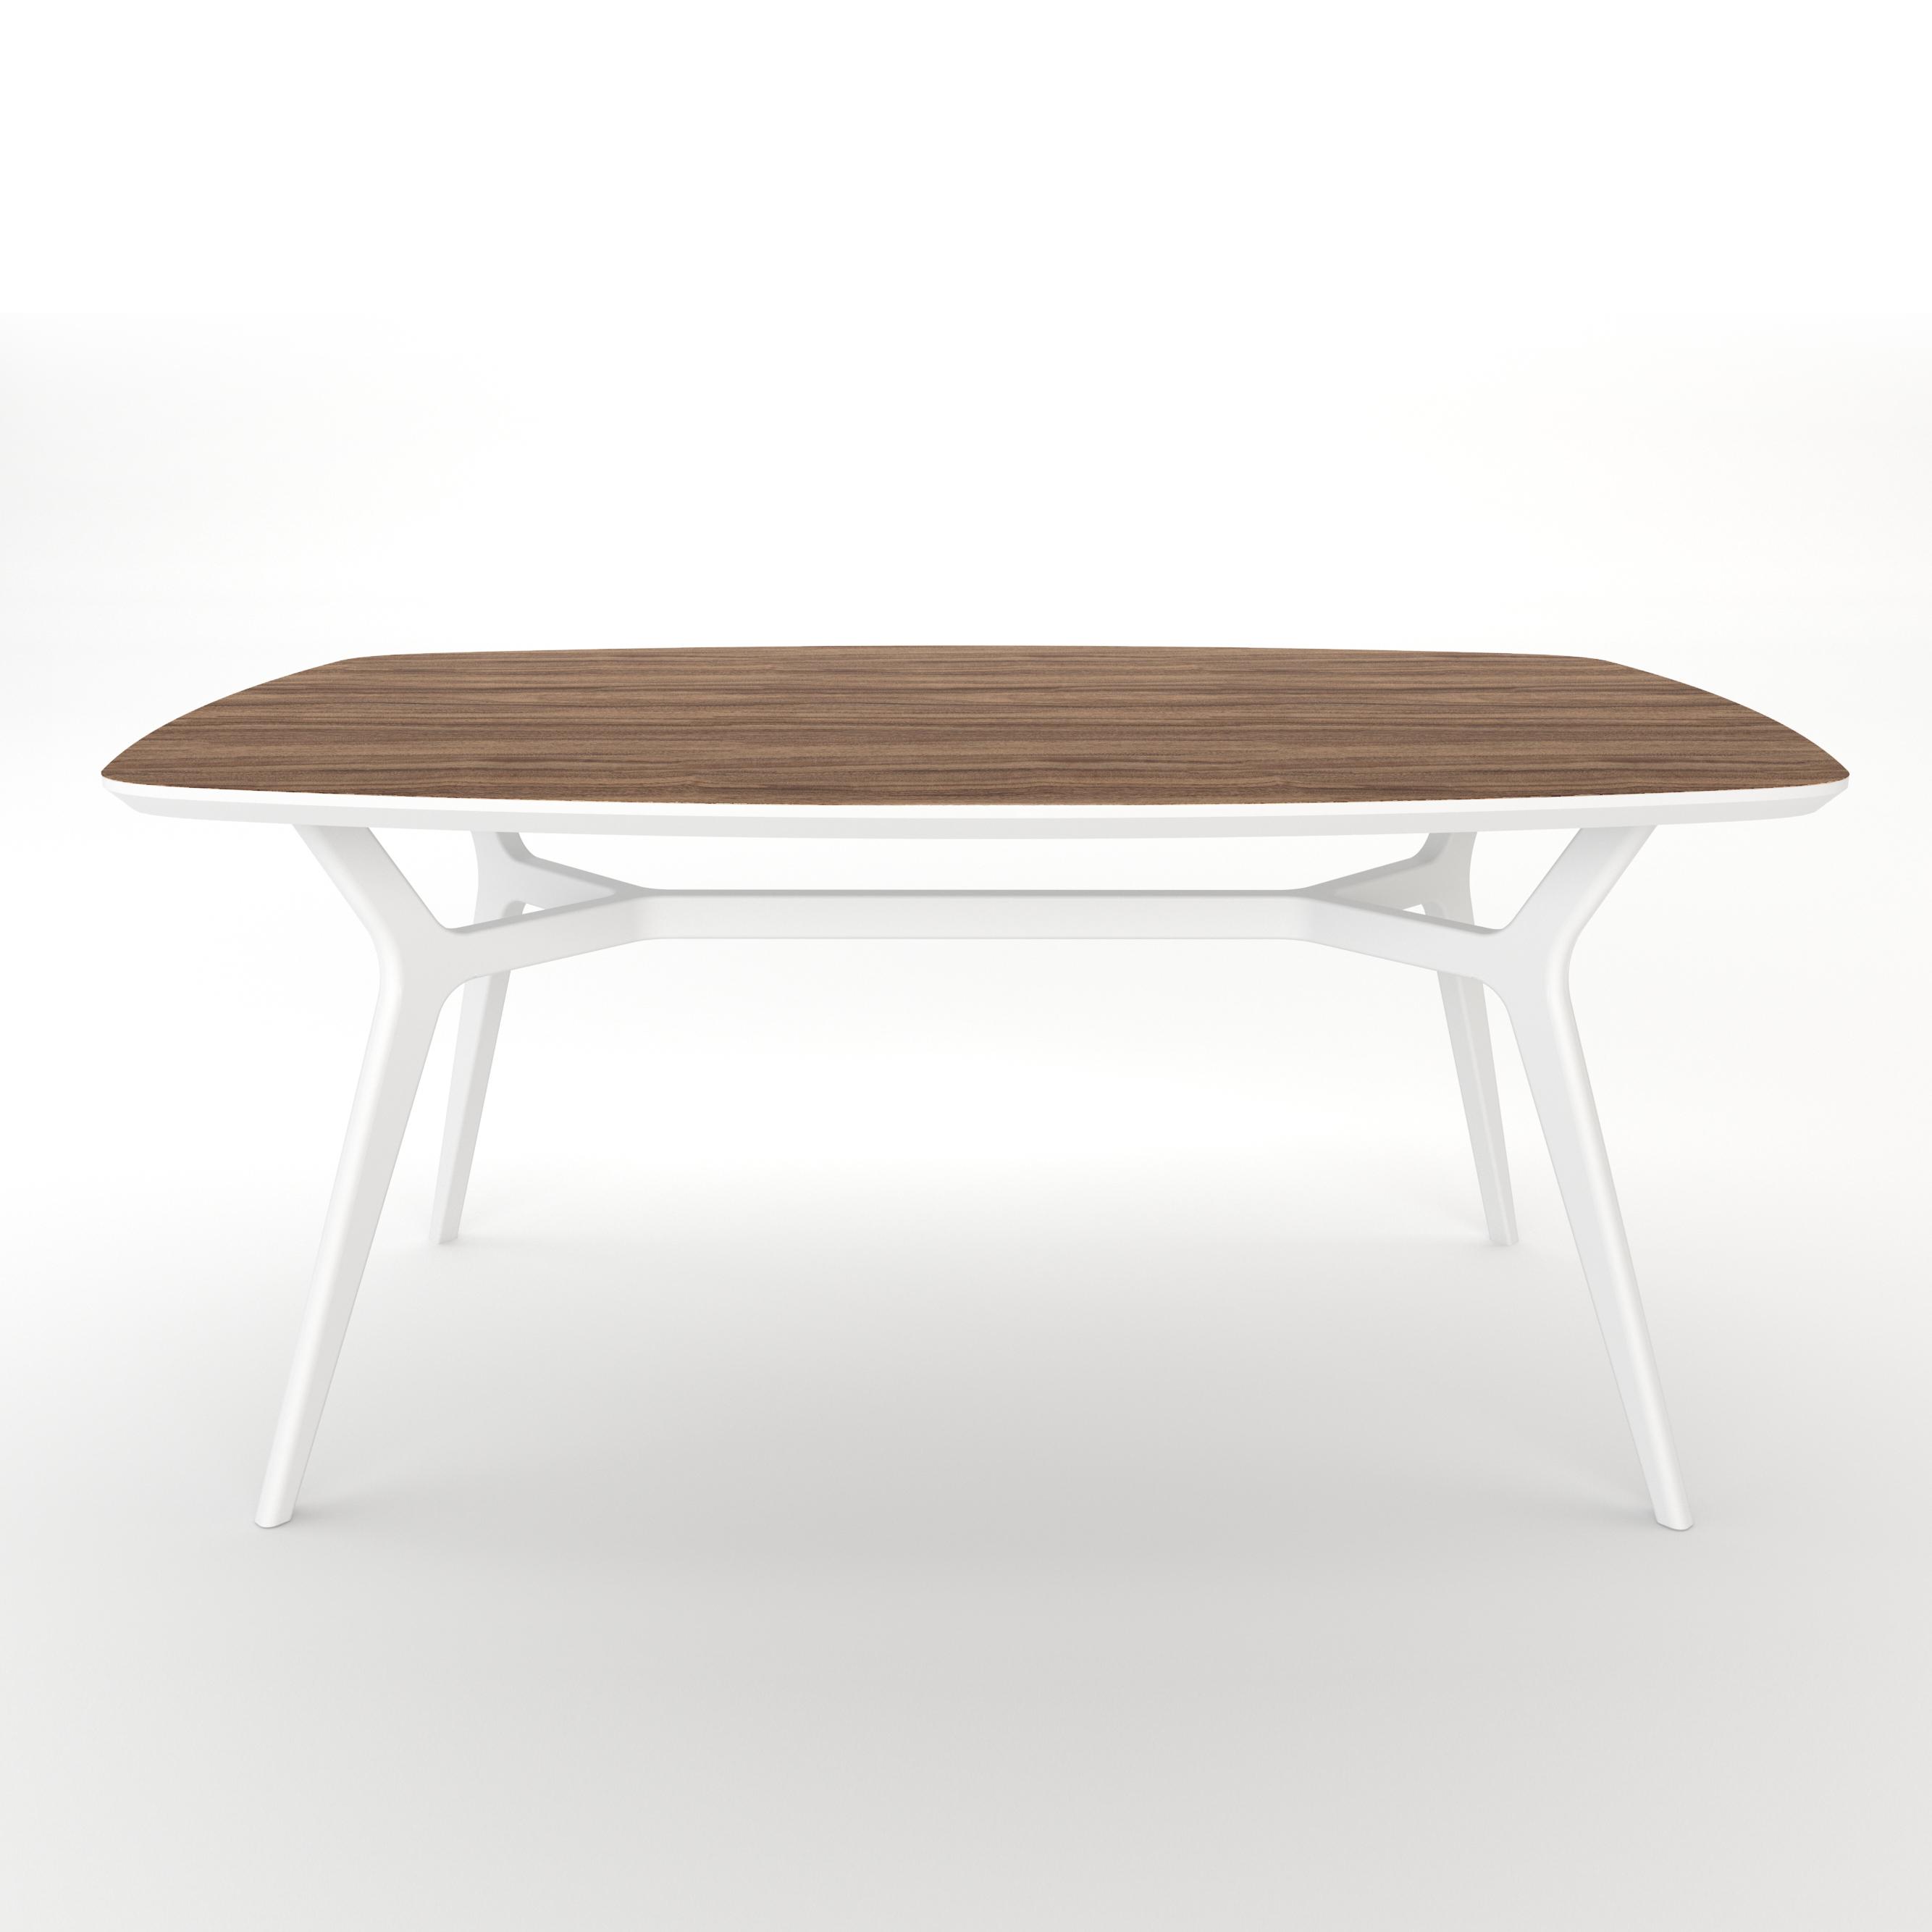 Стол JohannОбеденные столы<br>Тщательная проработка деталей и пропорций стола позволяет ему идеально вписаться в любой интерьер.&amp;amp;nbsp;&amp;lt;div&amp;gt;&amp;lt;br&amp;gt;&amp;lt;/div&amp;gt;&amp;lt;div&amp;gt;Отделка столешницы: шпон ореха, подстолье выкрашено в белый цвет. Сборка не требуется.&amp;lt;/div&amp;gt;<br><br>Material: МДФ<br>Width см: 180<br>Depth см: 100<br>Height см: 75